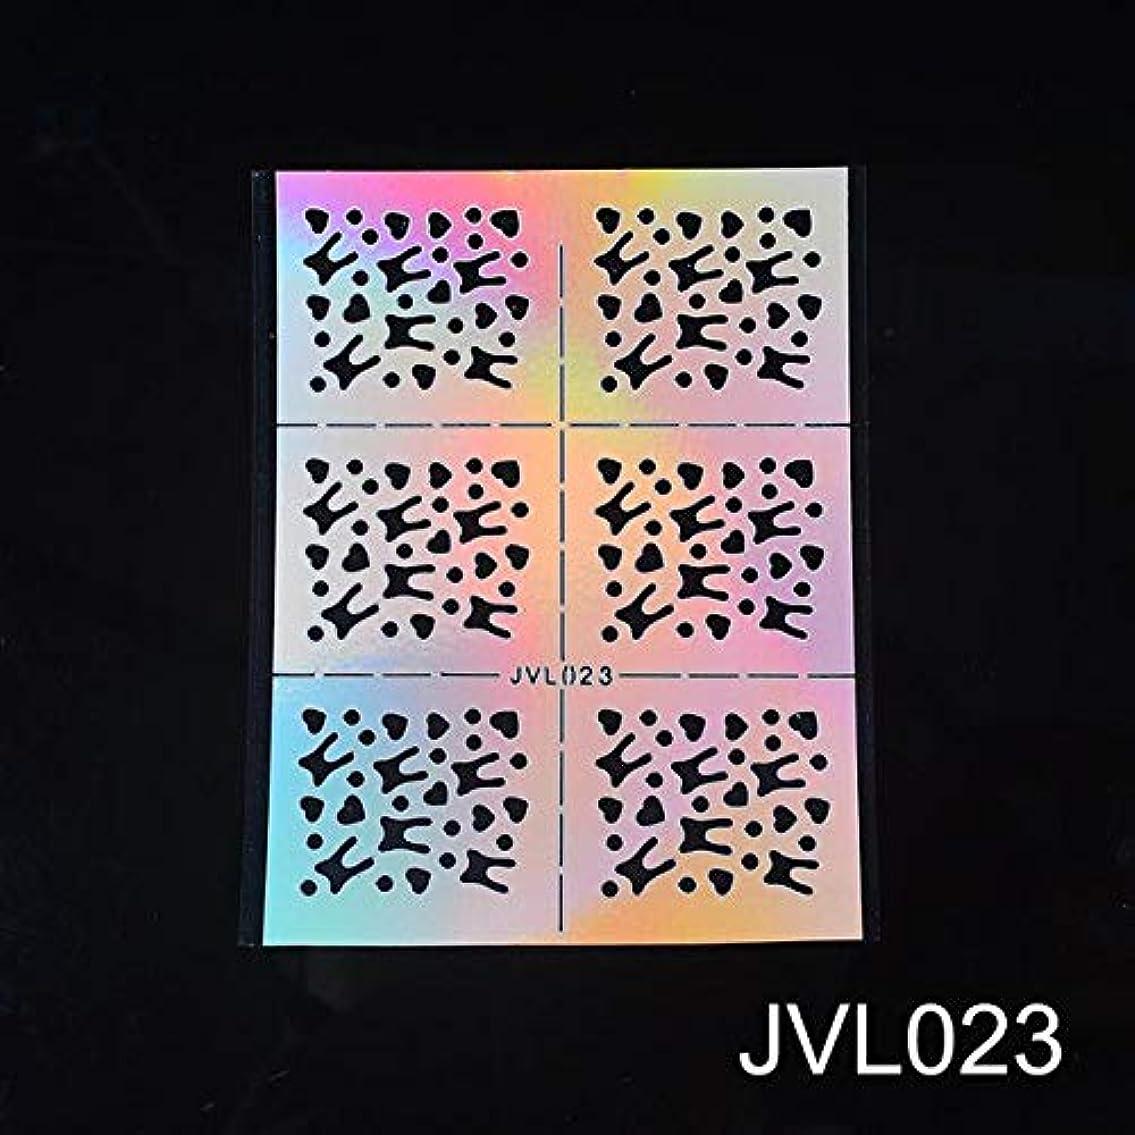 意見分析する図書館SUKTI&XIAO ネイルステッカー Diyネイルビニールネイルアート不規則なグリッドパターンスタンピングのヒントマニキュアテンプレート中空ステッカーガイド